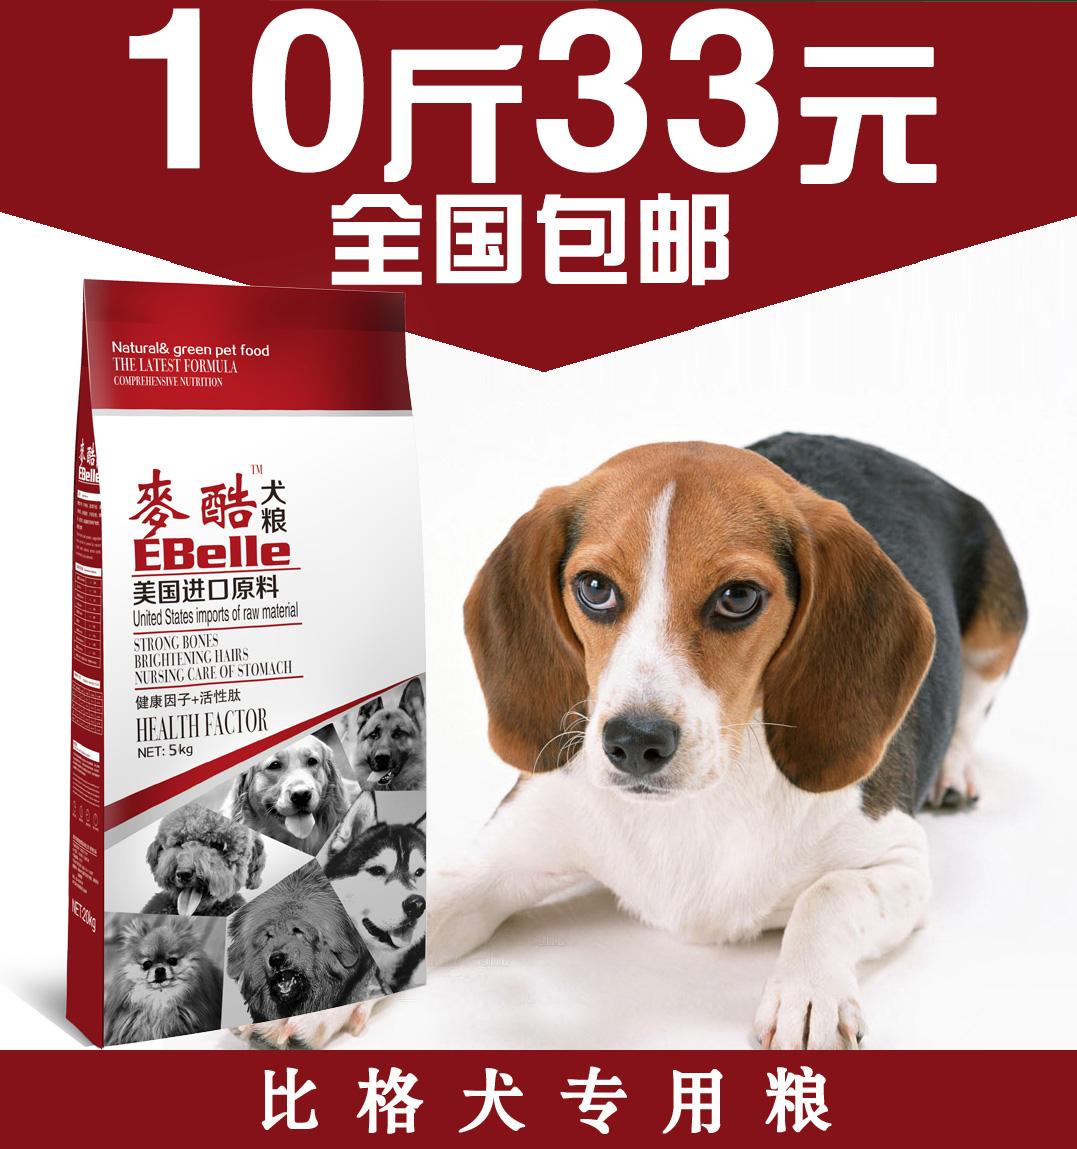 Thức ăn cho chó thức ăn đặc biệt 5kg10 kg chó trưởng thành chó con chó thức ăn vật nuôi chó tự nhiên thực phẩm chủ lực